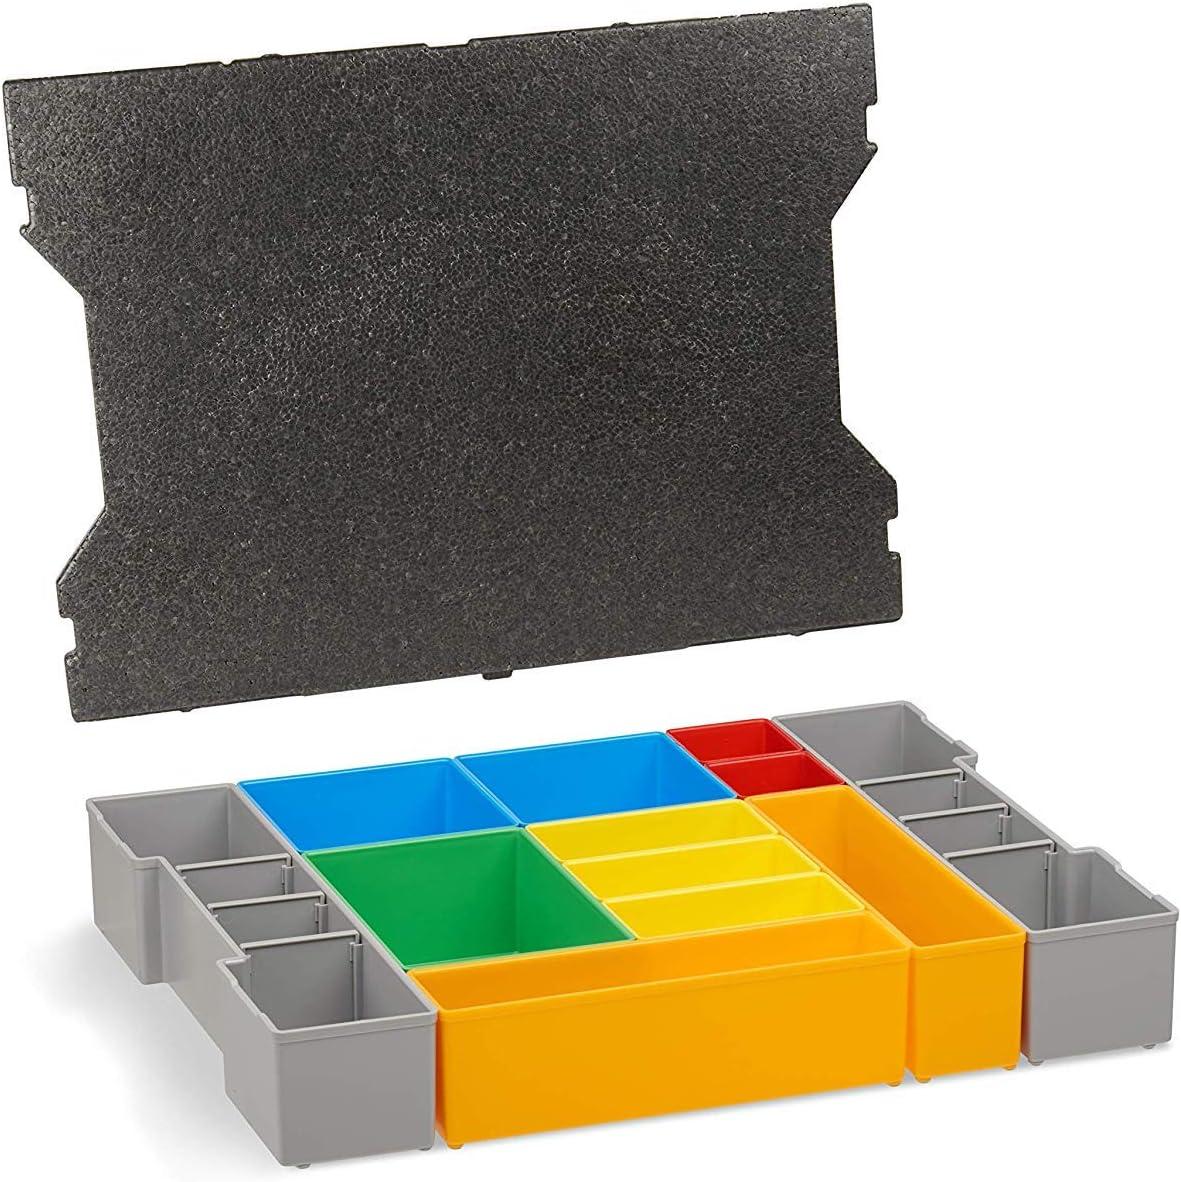 L Boxx Lot de 3 bo/îtes denceintes A3 CD H3 pour nouvelle L-Boxx G4 Coffret de rangement id/éal avec couvercle de protection